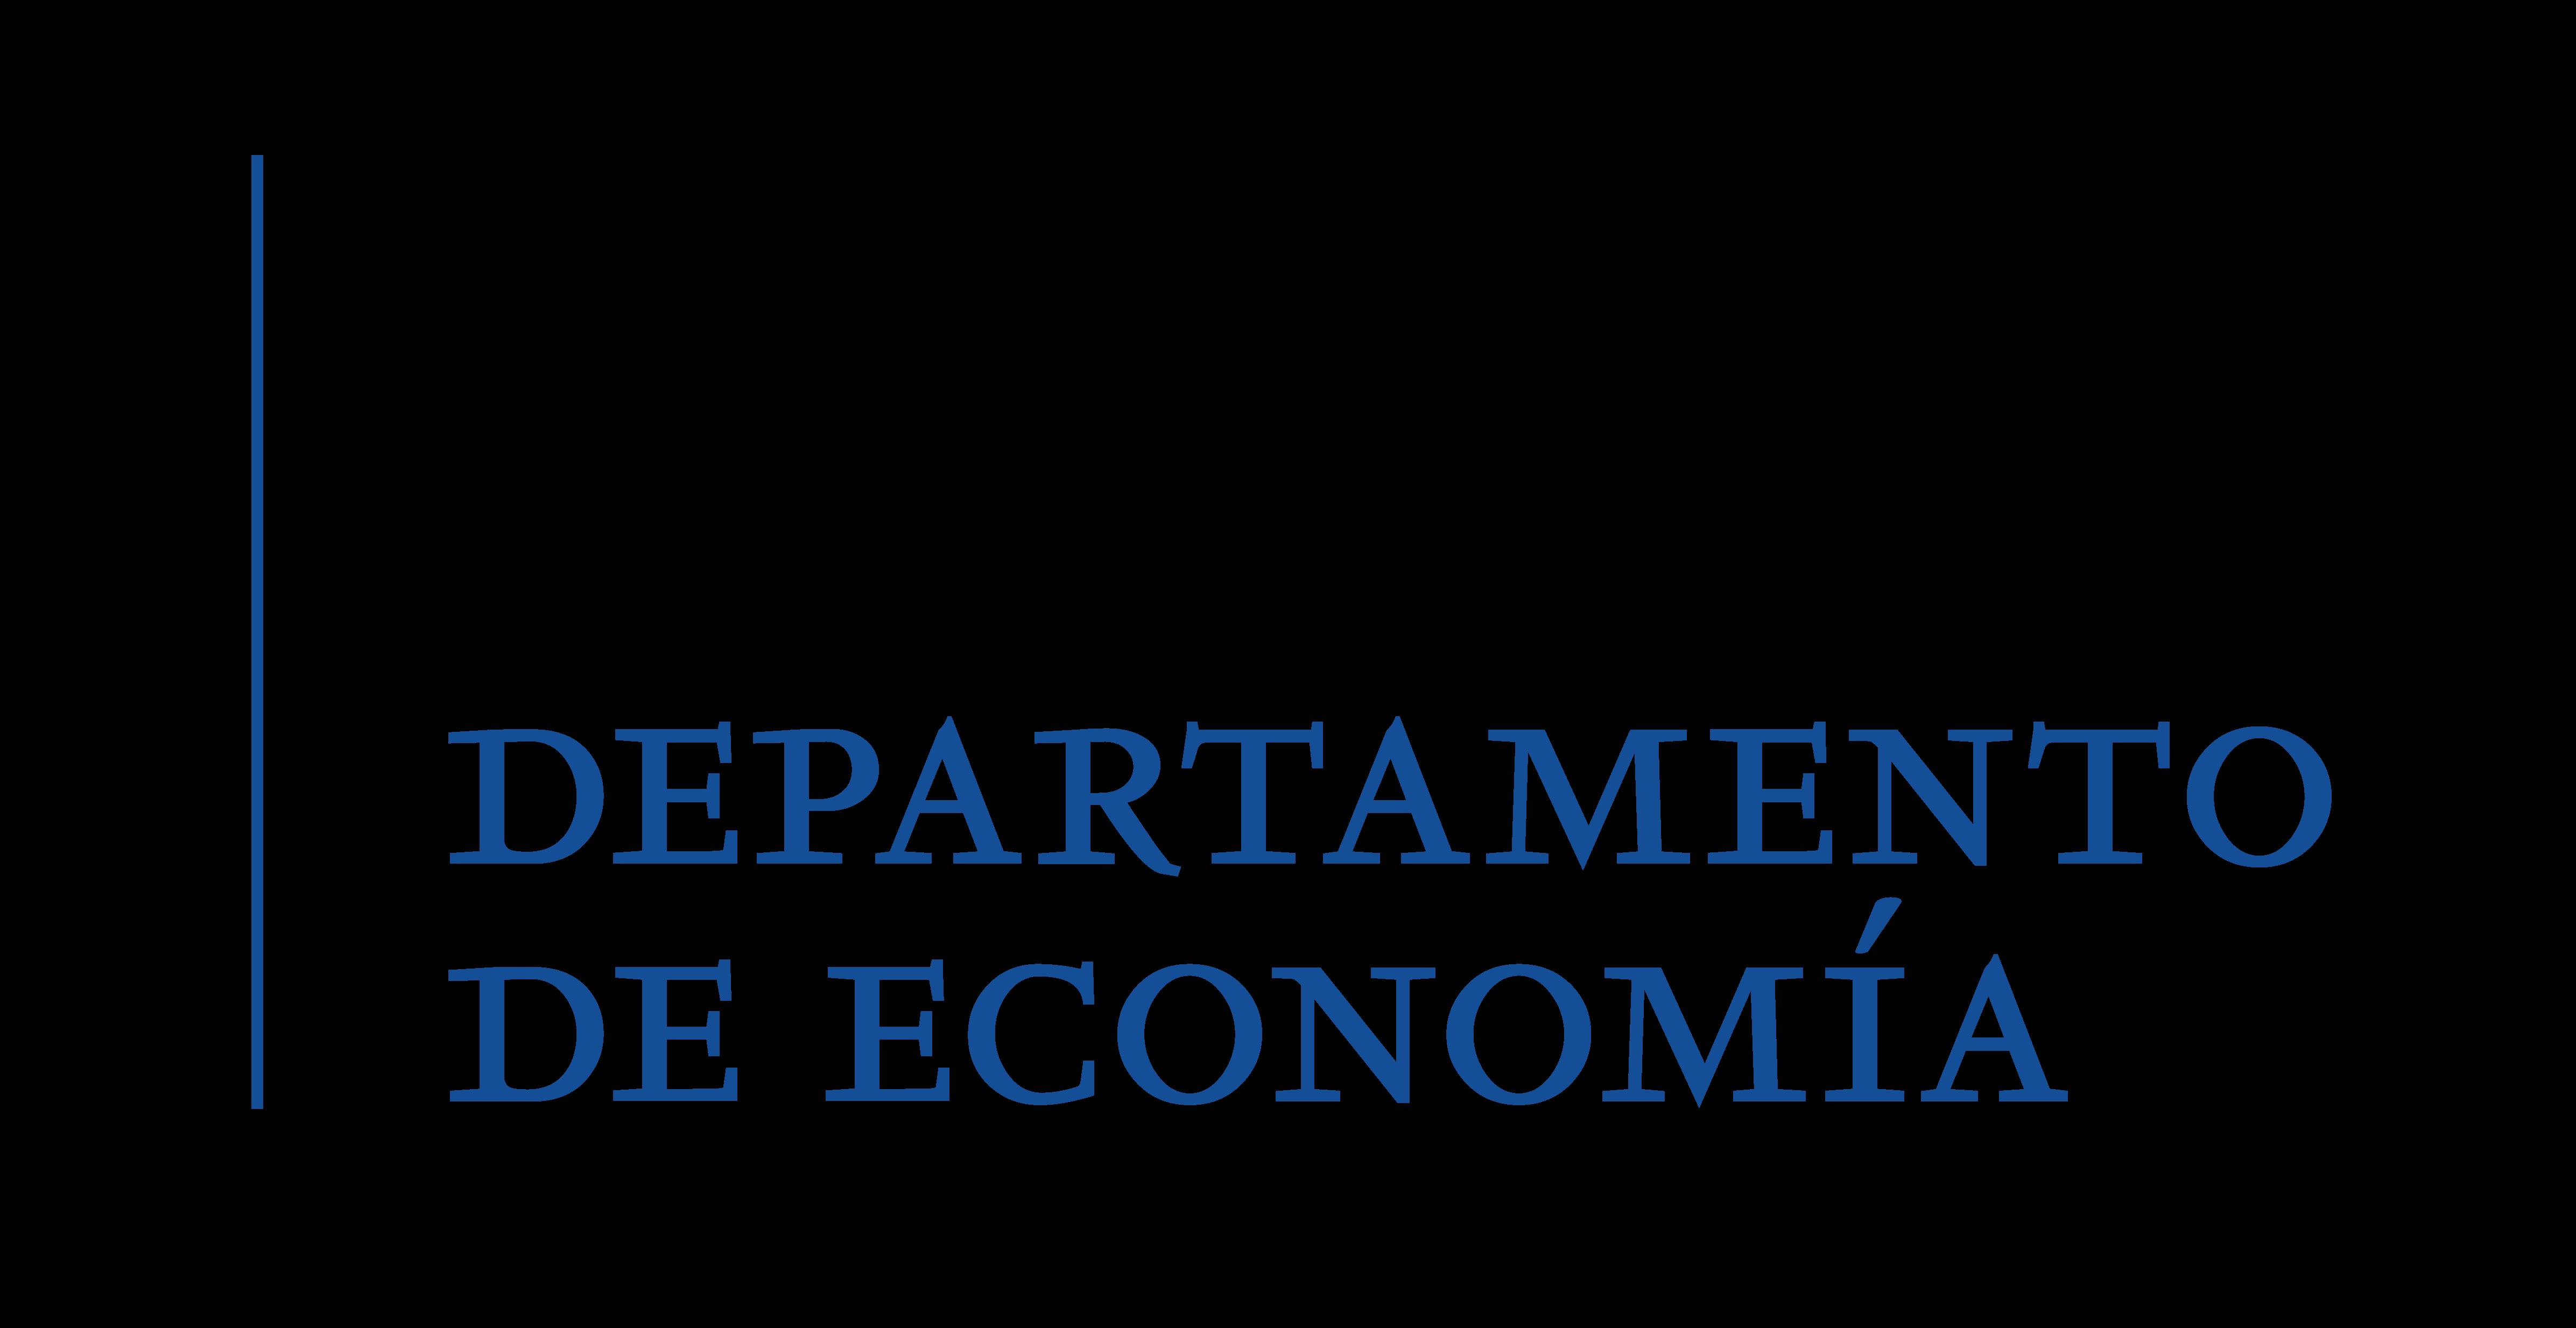 Departamento de Economía de la Universidad de Alcalá